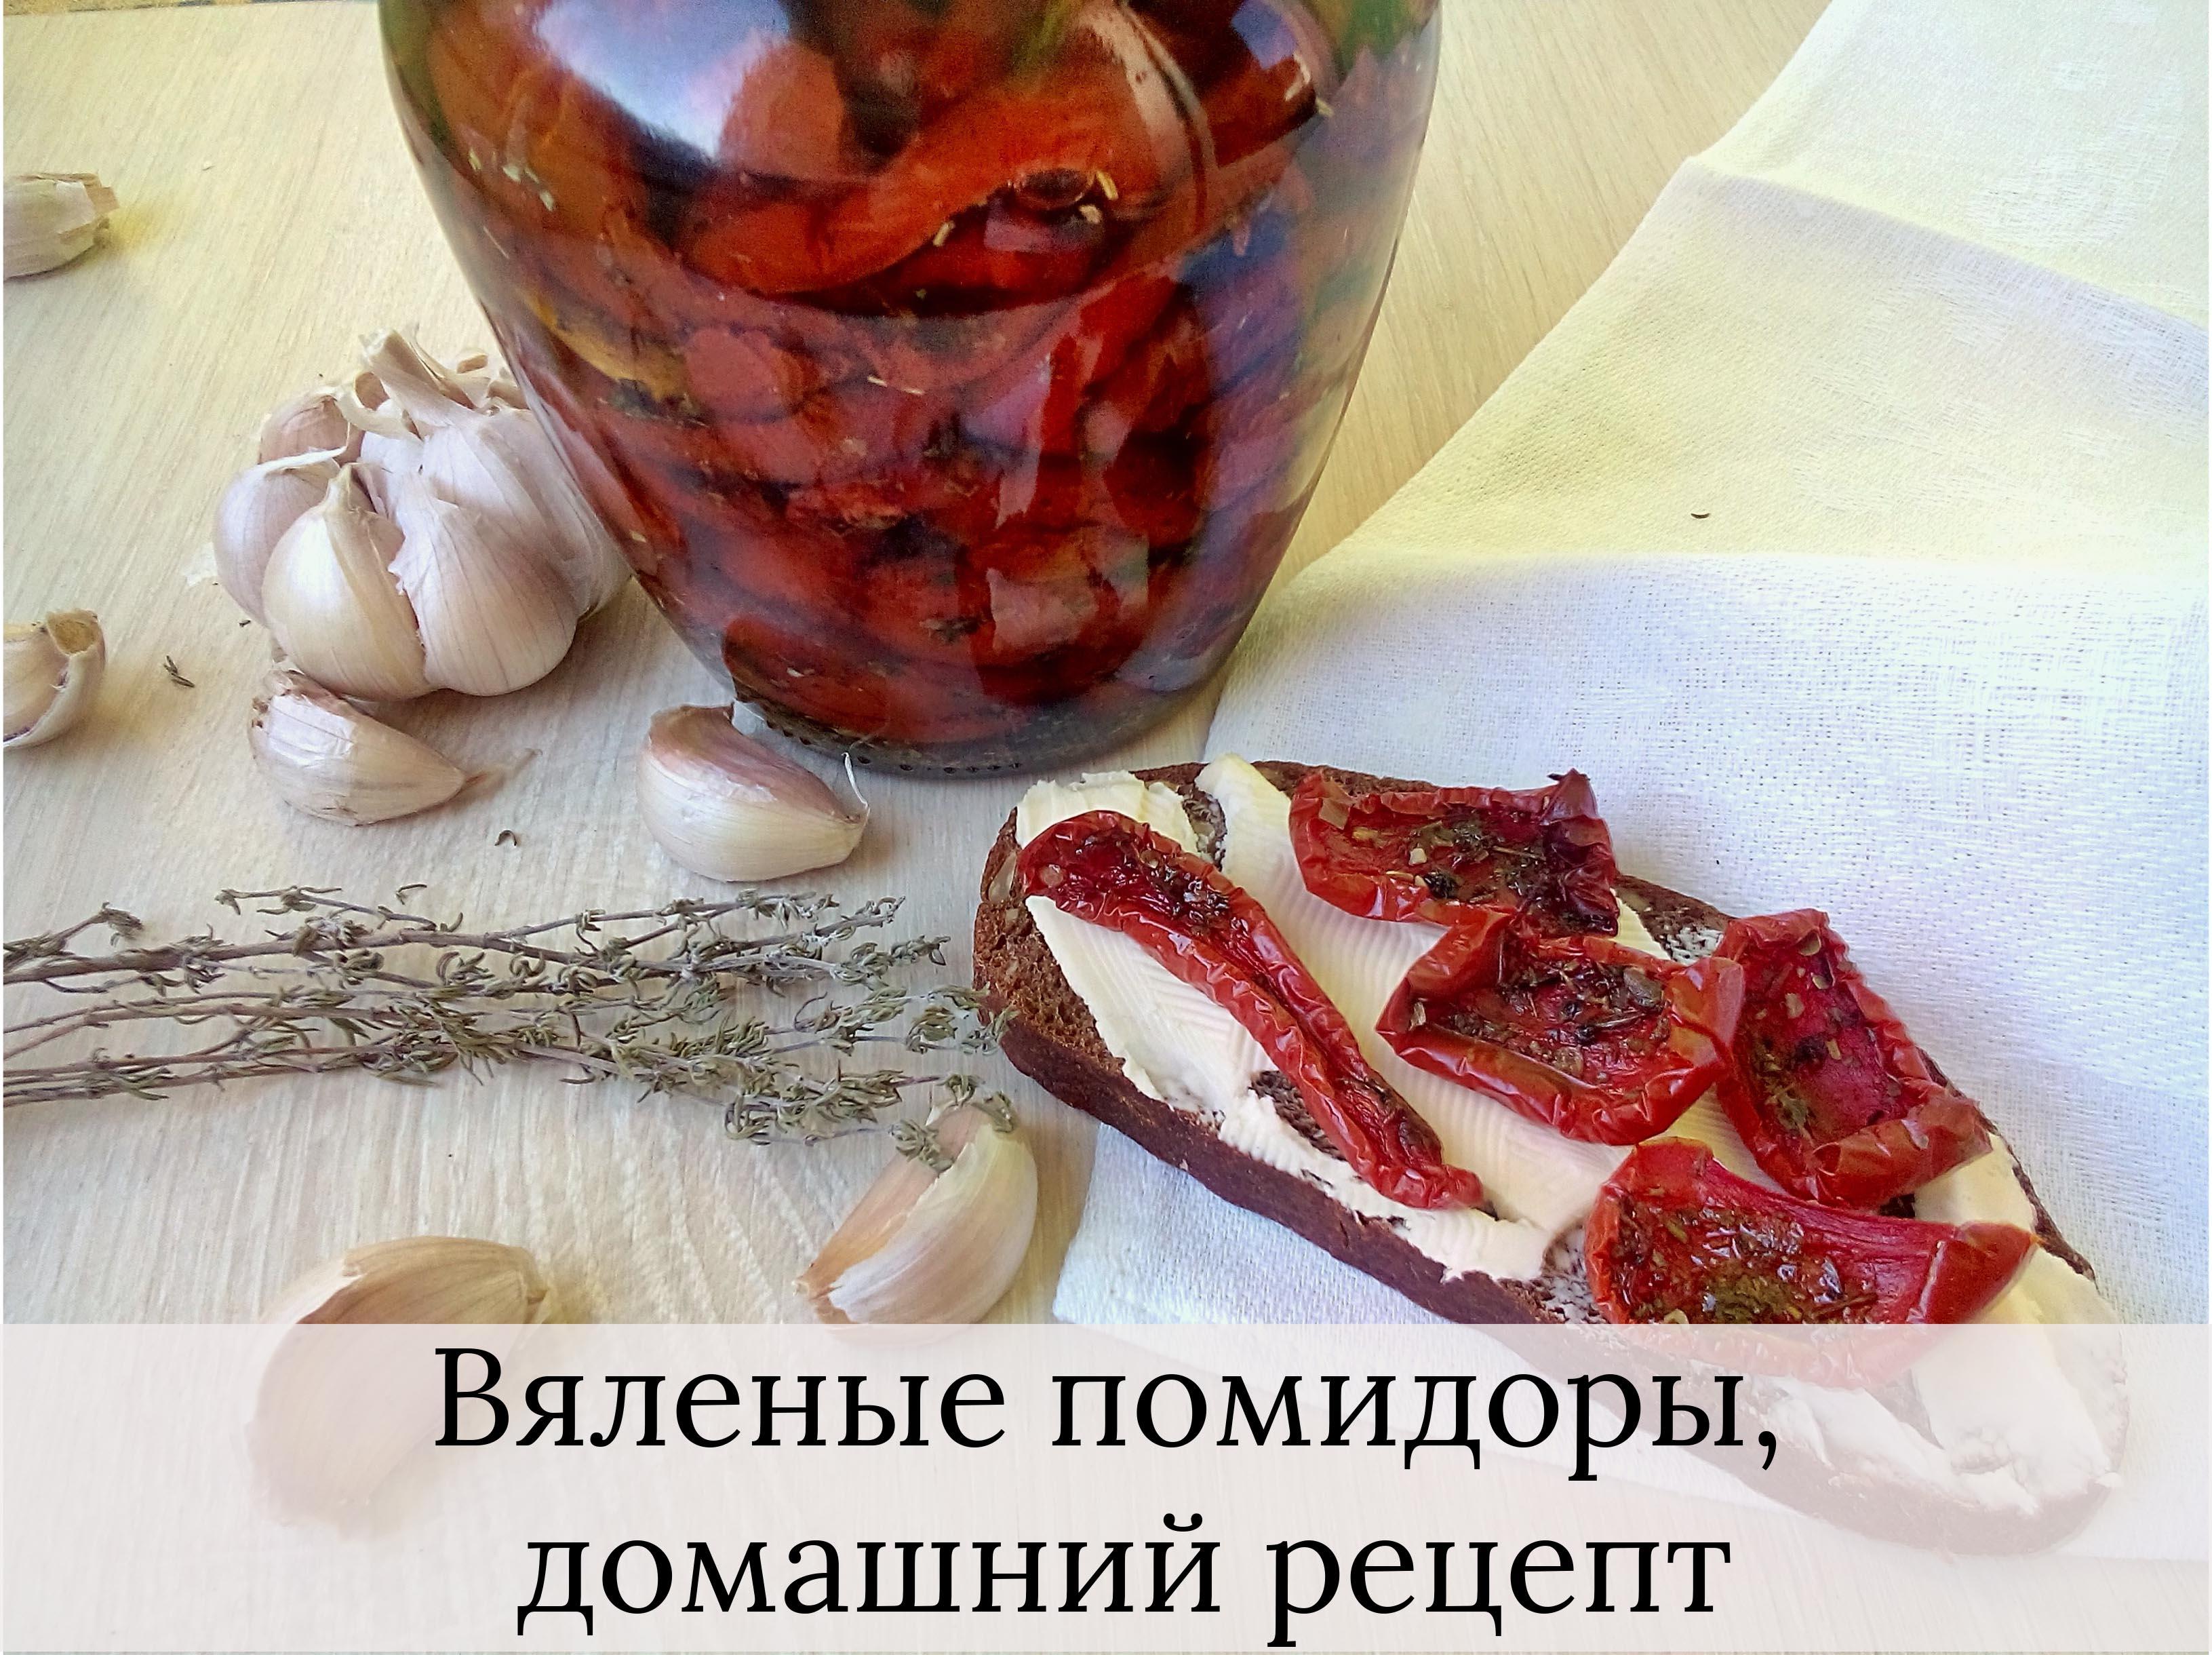 вяленые помидоры +в домашних условиях